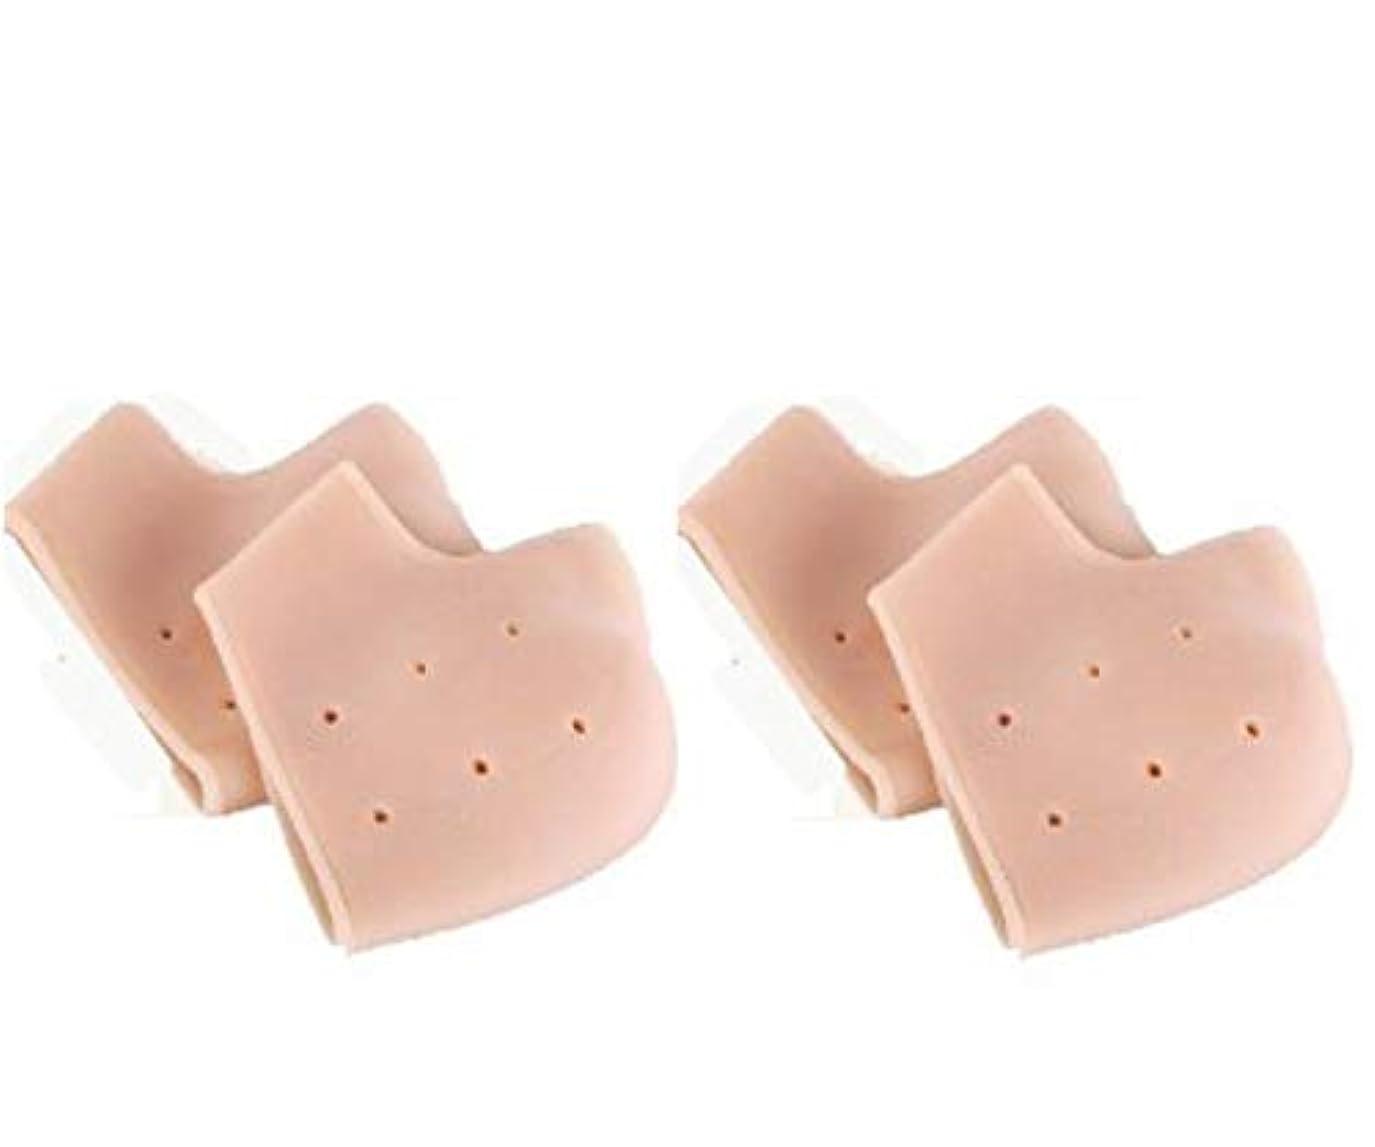 防止エピソード天かかと サポーター 保護 ヒビ割れ対策 保湿 靴下 ワセリン クッション シリコン インソール 4個 ケア